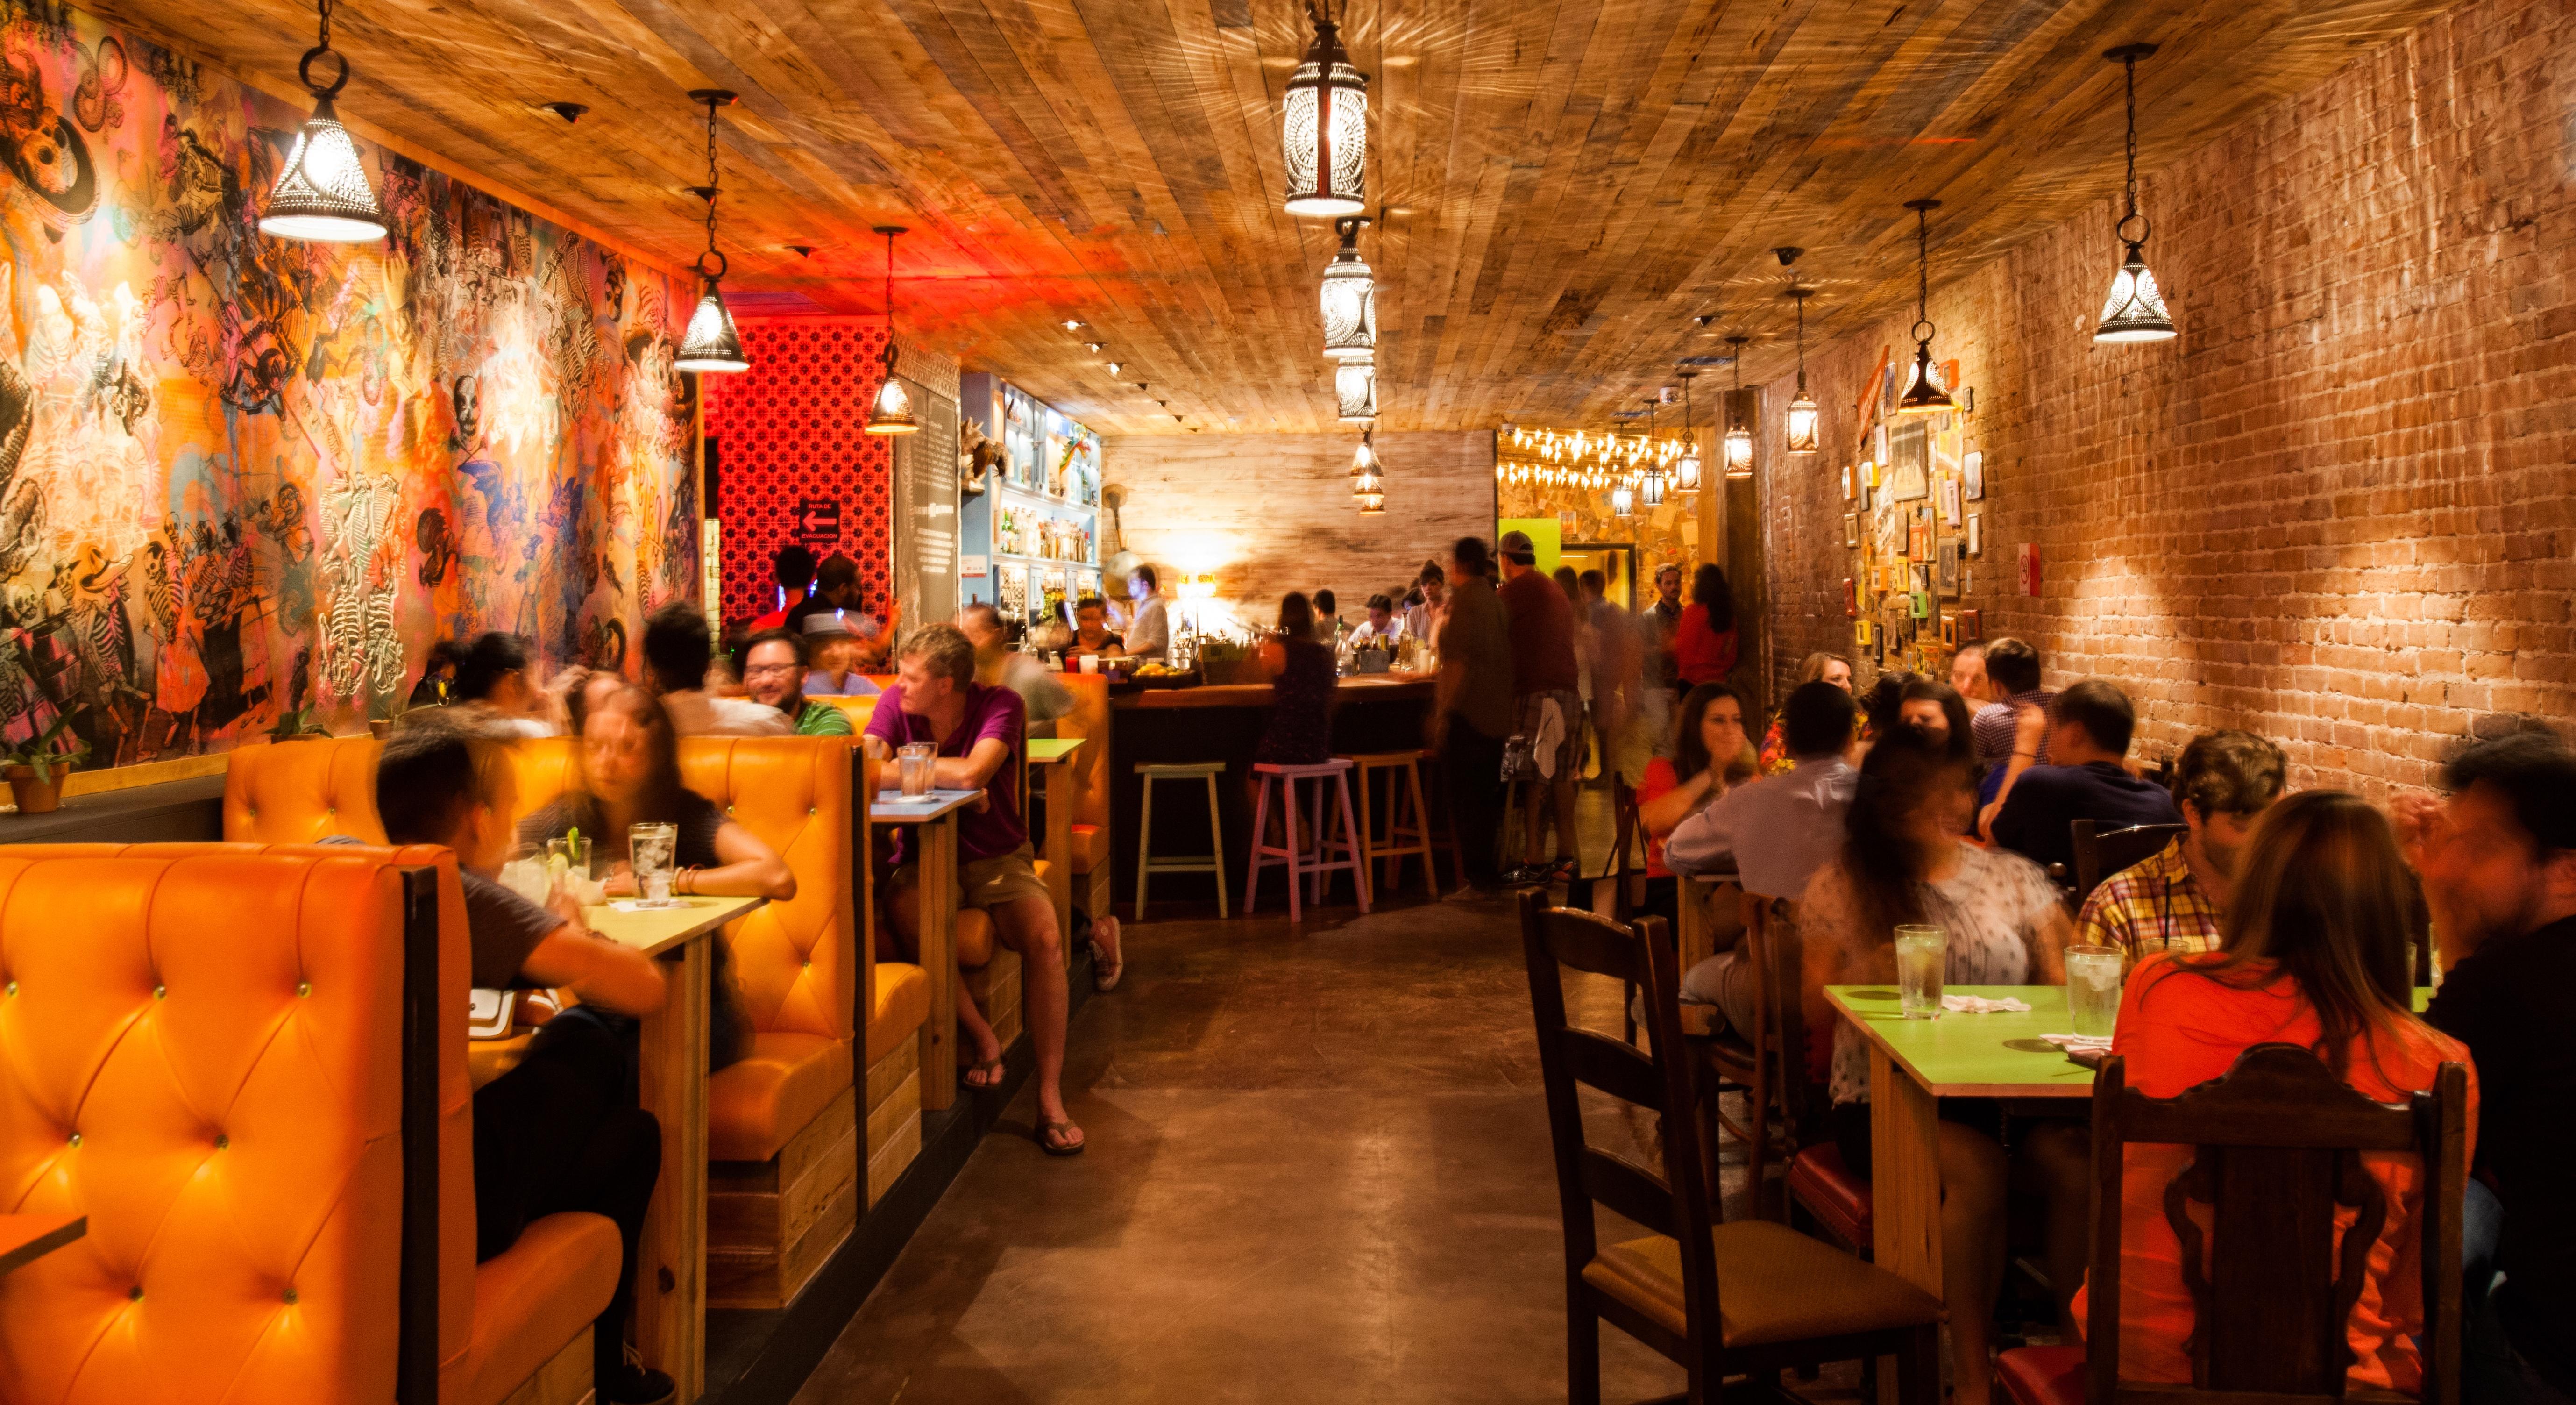 Best restaurant for dating in houston